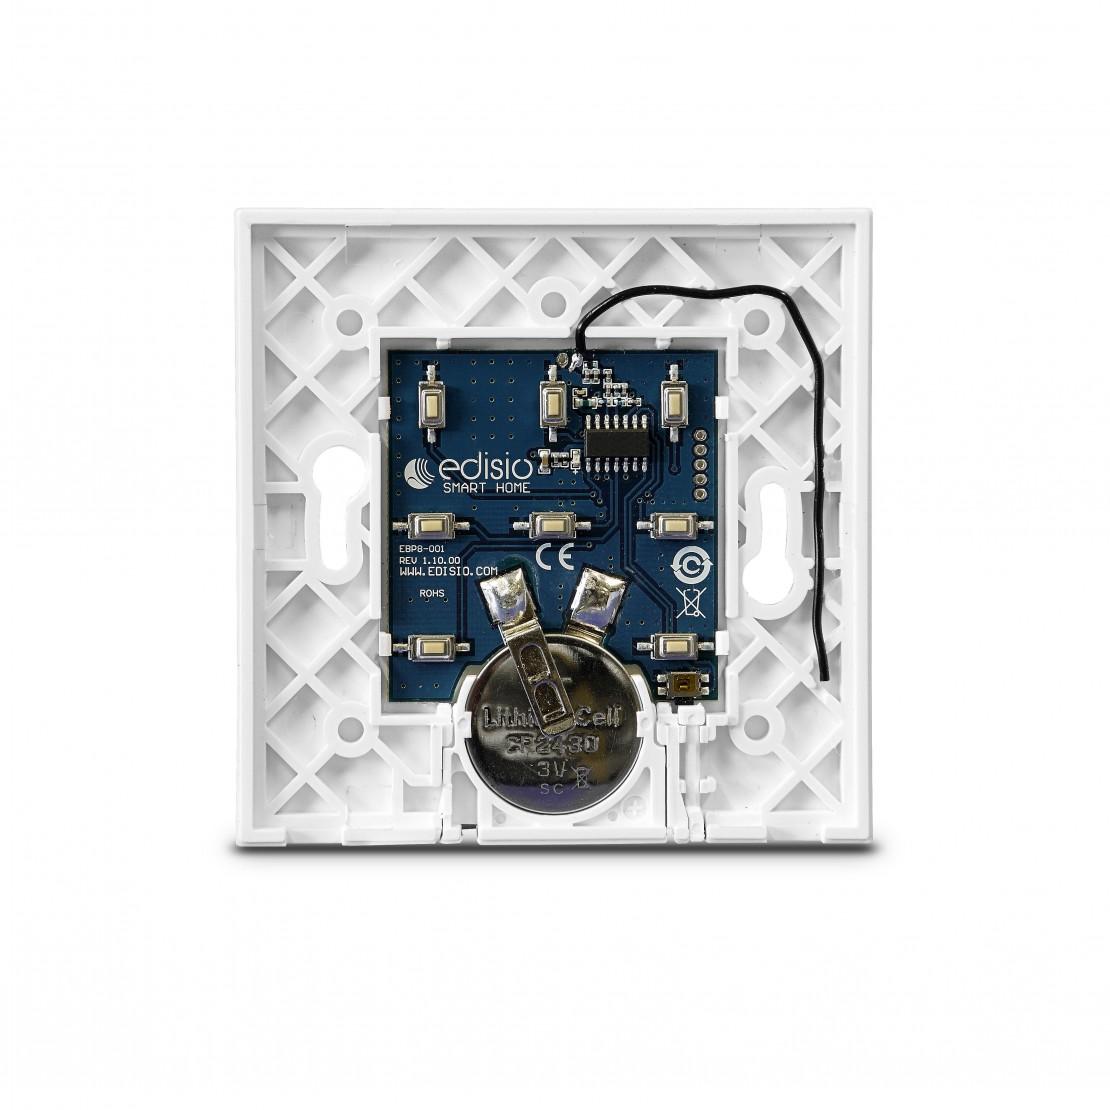 Base blanche pour interrupteur Edisio (1 à 5 canux)